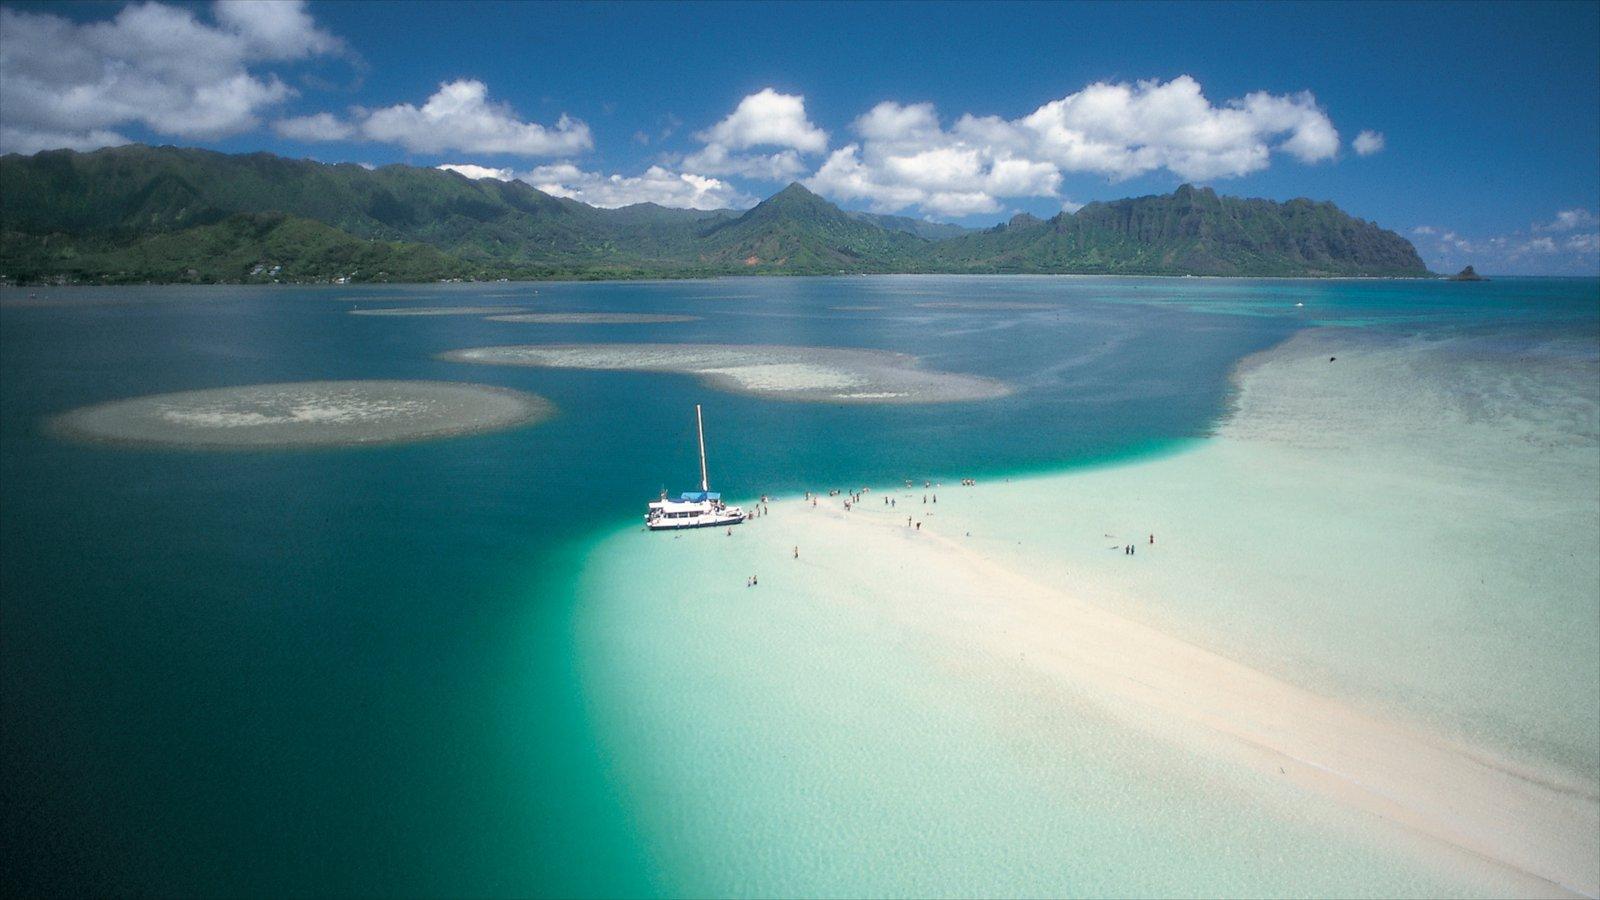 Kaneohe Bay Sandbar Oahu Hawaii